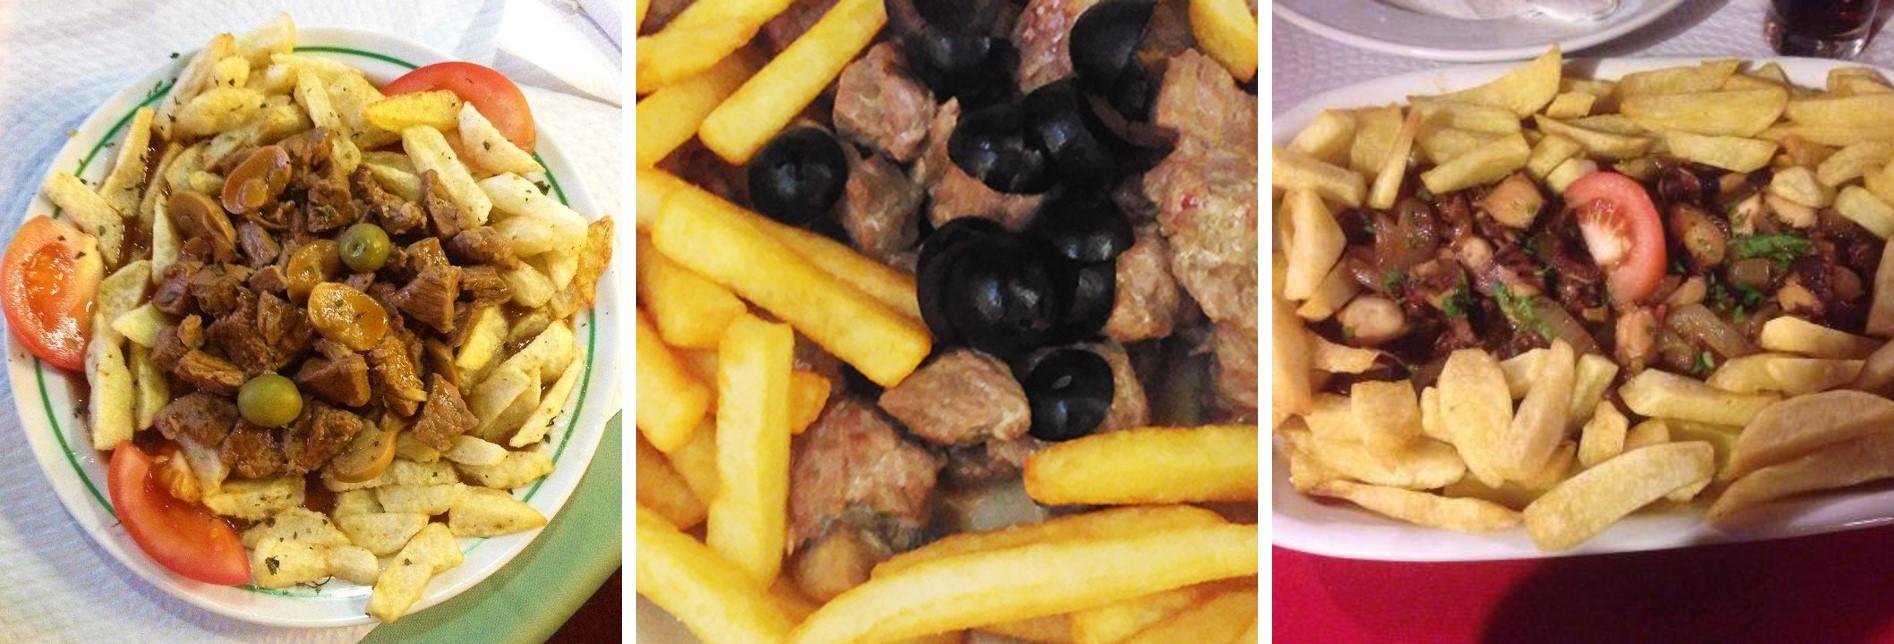 Recipe: Picado à Madeirense